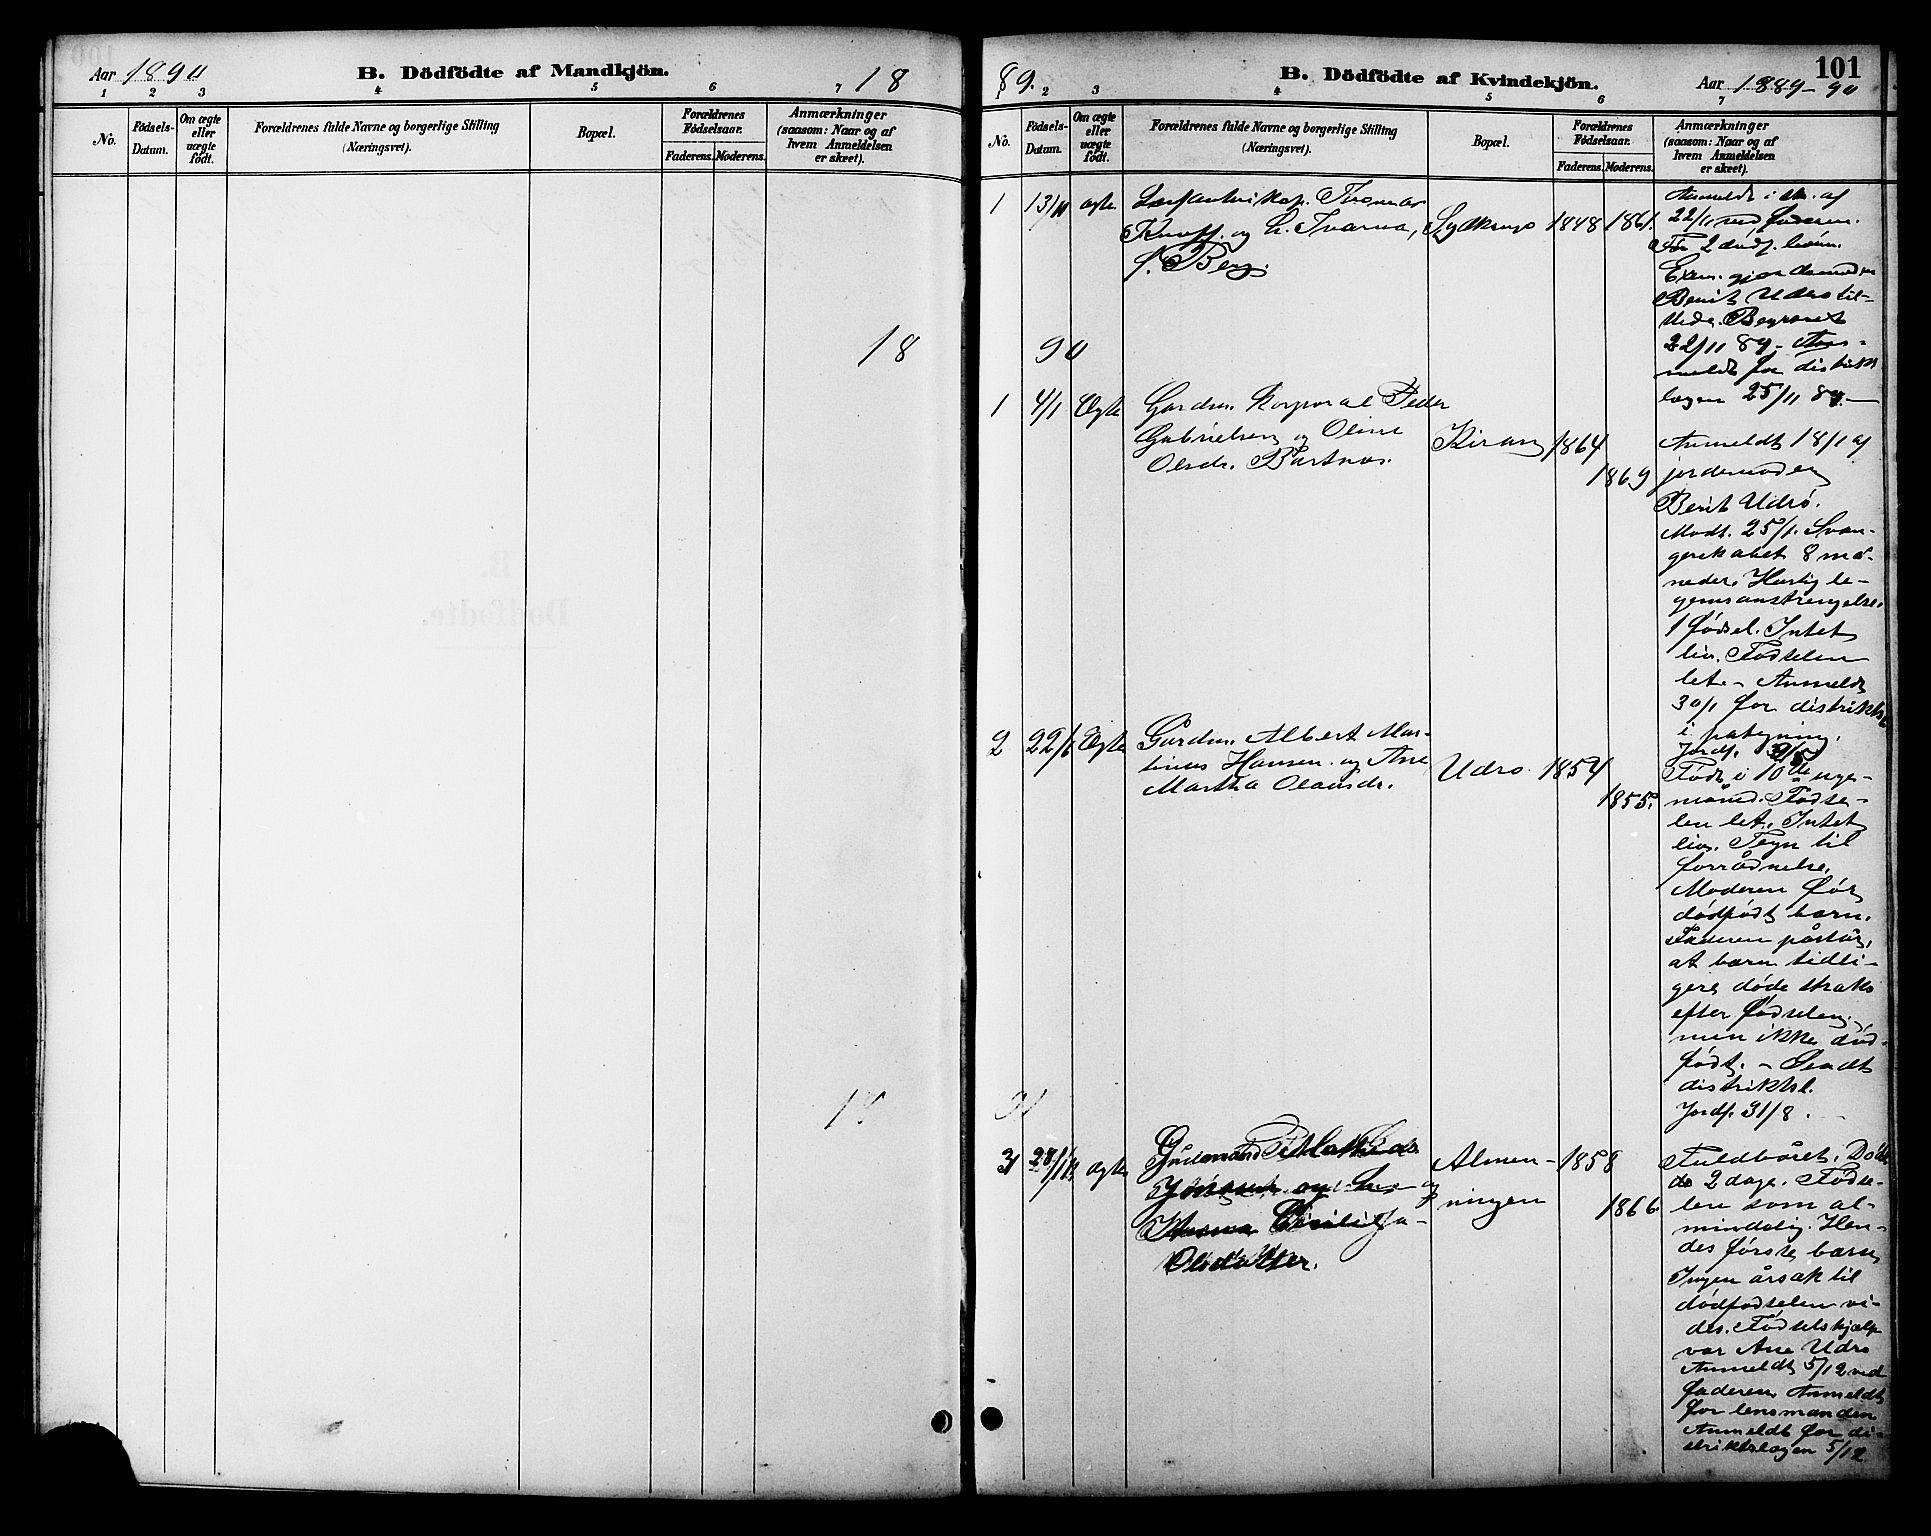 SAT, Ministerialprotokoller, klokkerbøker og fødselsregistre - Sør-Trøndelag, 657/L0716: Klokkerbok nr. 657C03, 1889-1904, s. 101